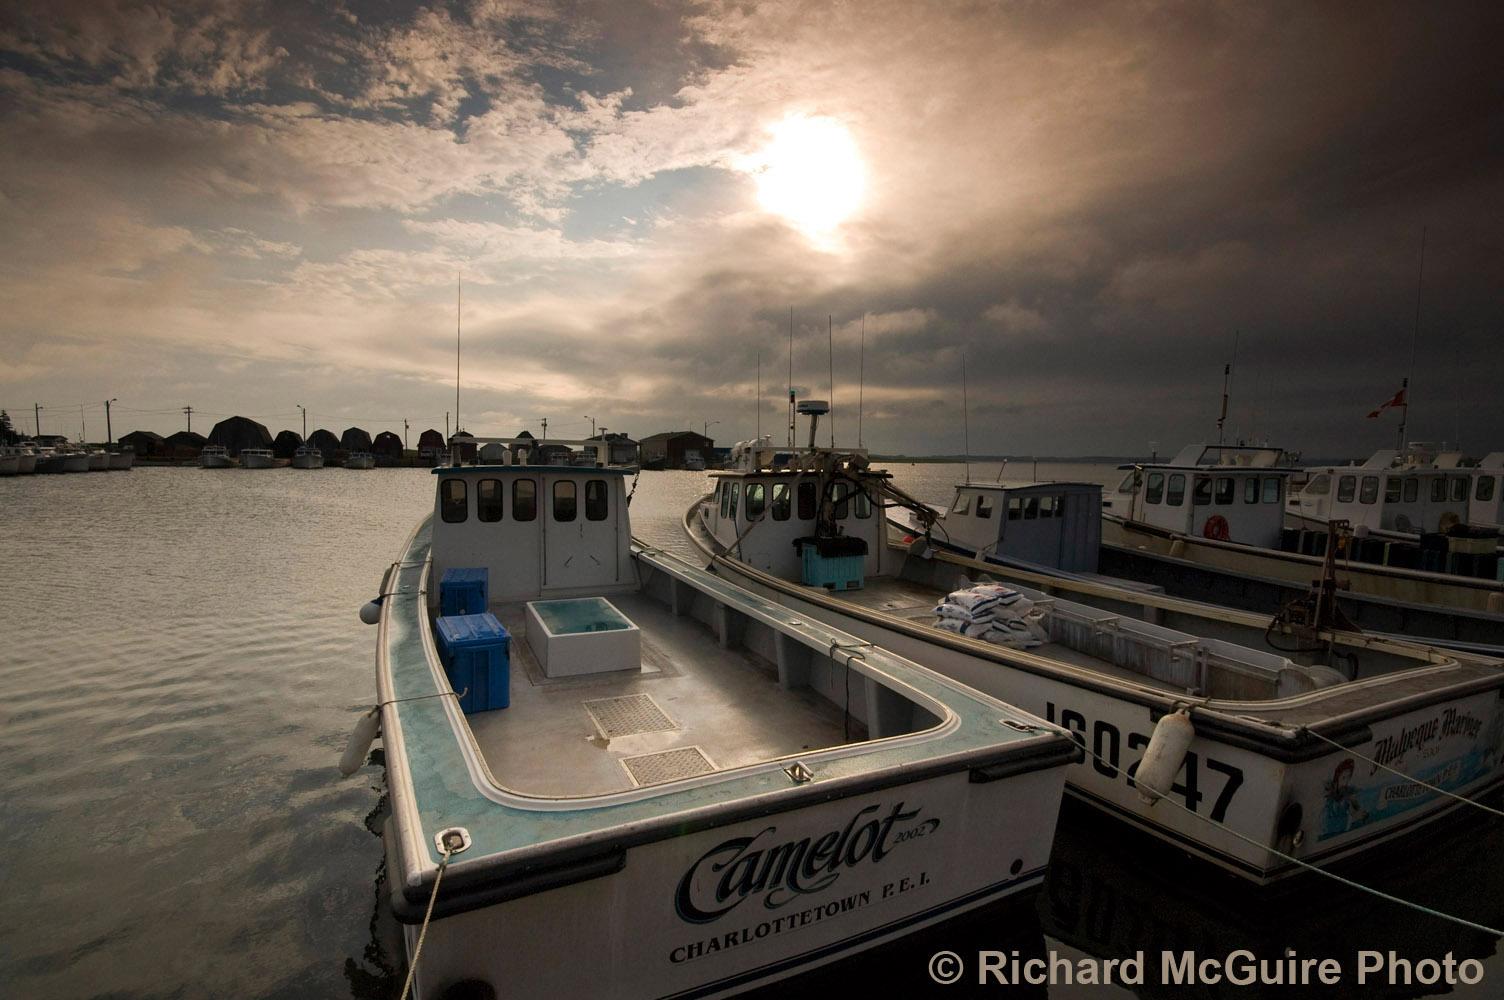 Ottawa Richard Mcguire Photo